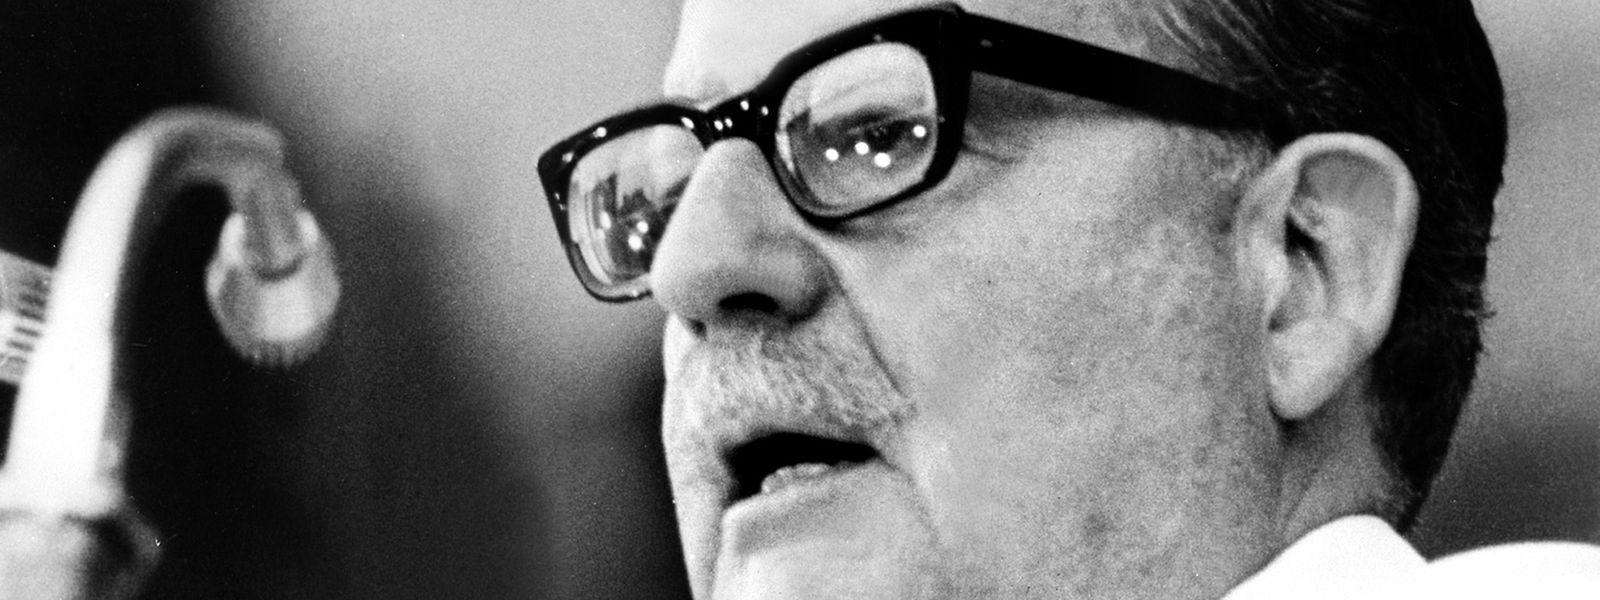 """""""Wir werden unser Land jeden Tag ein Stück gerechter machen"""", verspricht Salvador Allende nach seiner Wahl vor 50 Jahren. Er wird dieses Versprechen nicht einlösen können."""